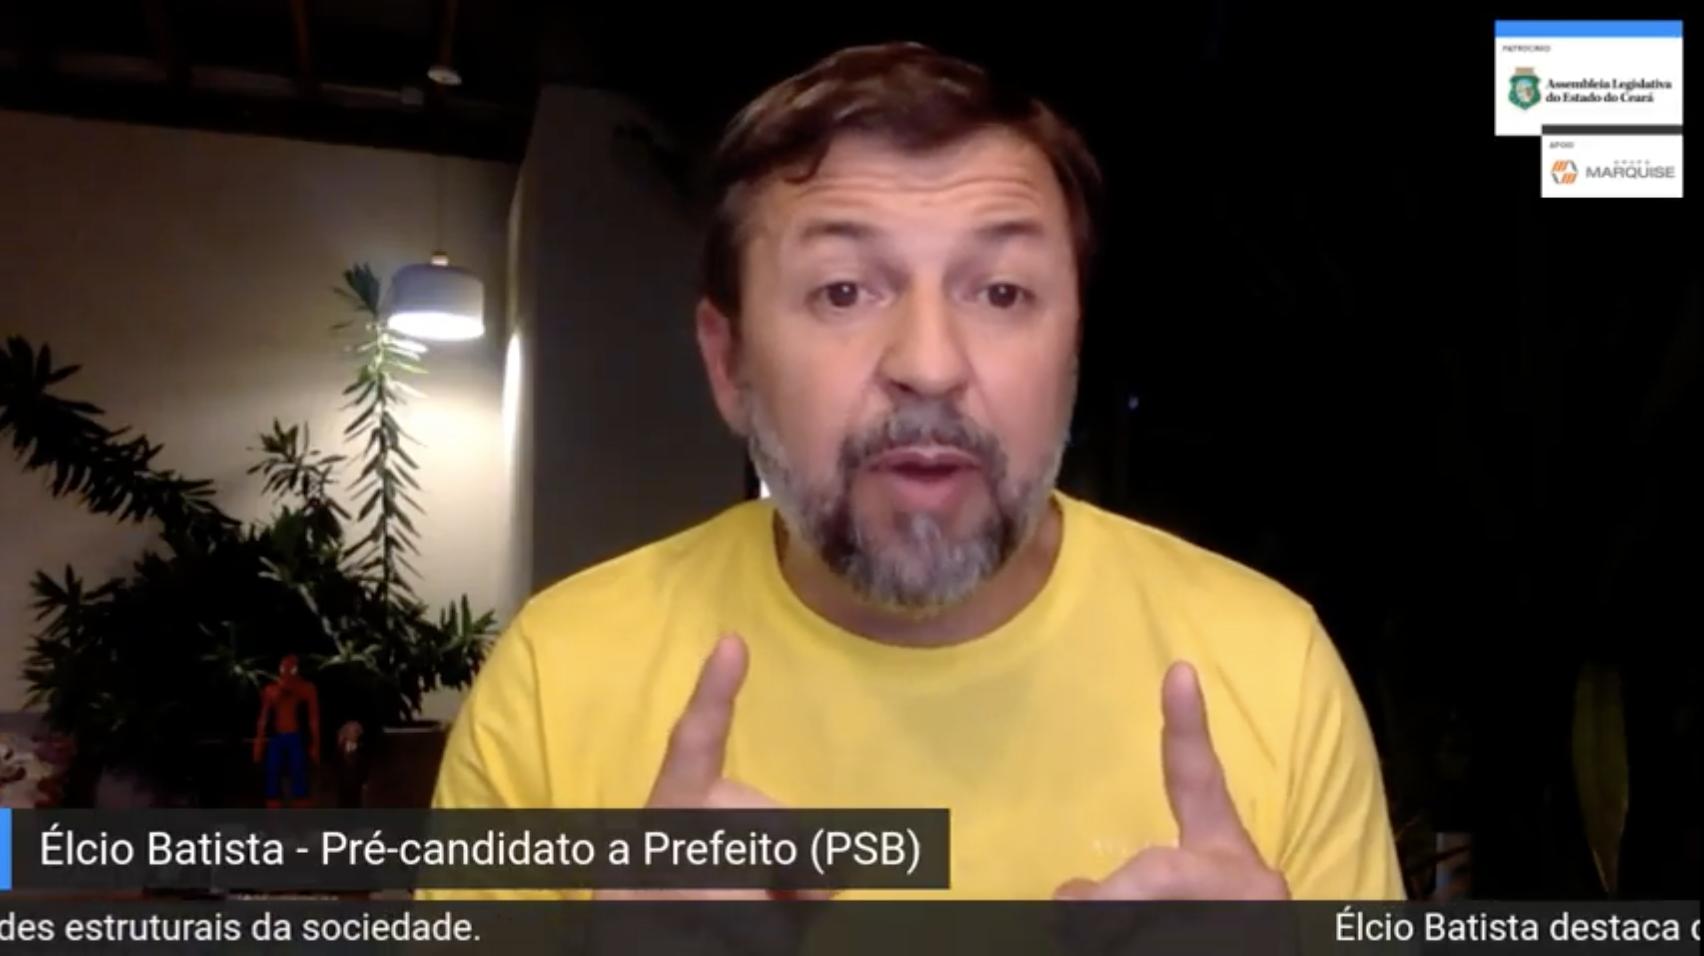 Élcio Batista apresenta suas propostas para governar Fortaleza durante live com Pompeu Vasconcelos